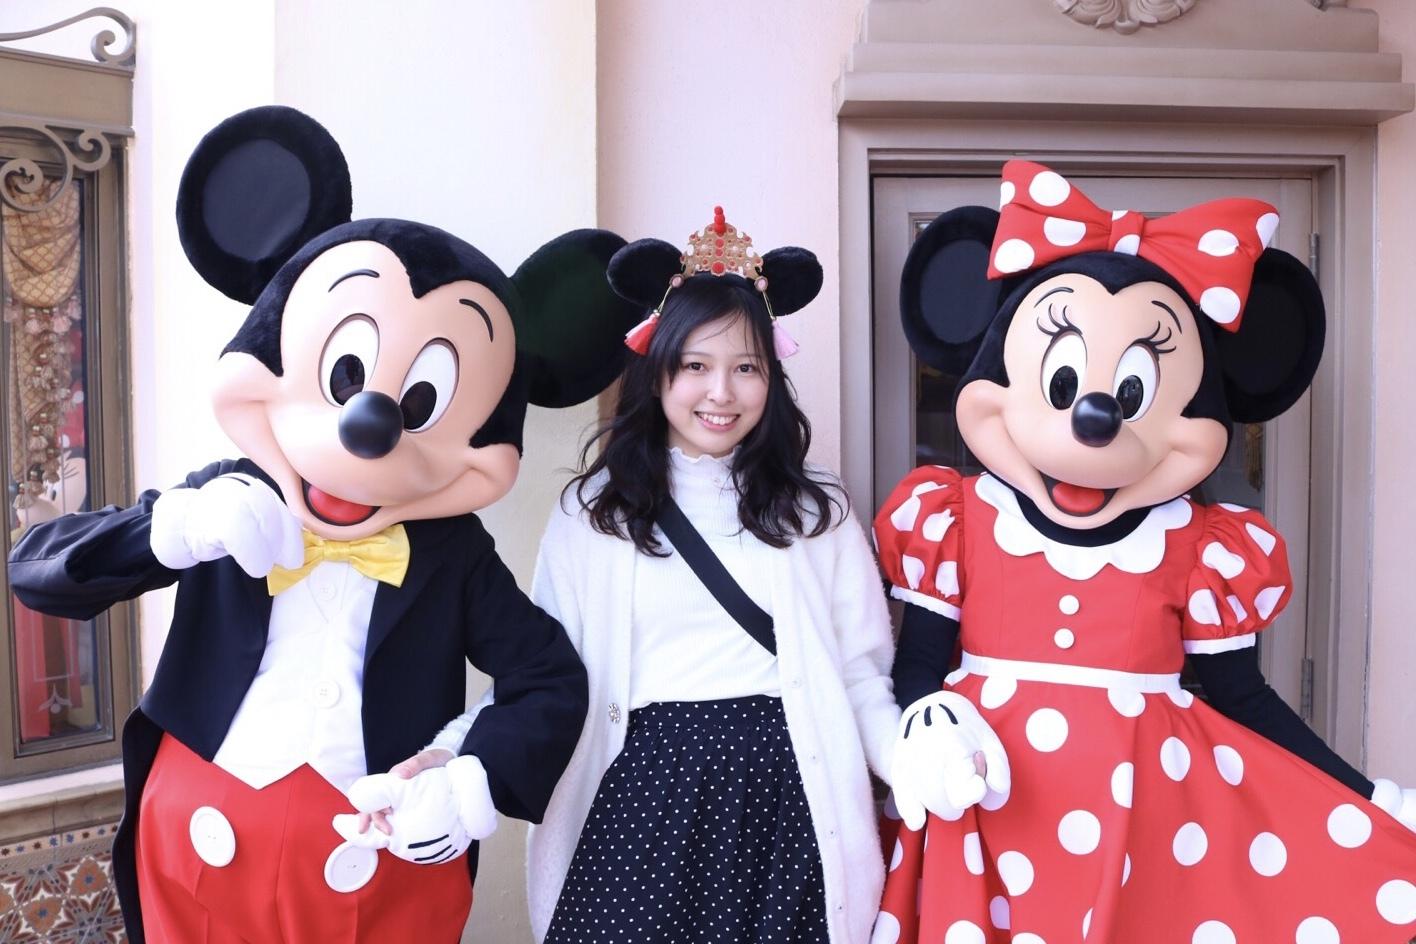 上海ディズニーランドで会えるキャラクターたちをご紹介します♡_1_3